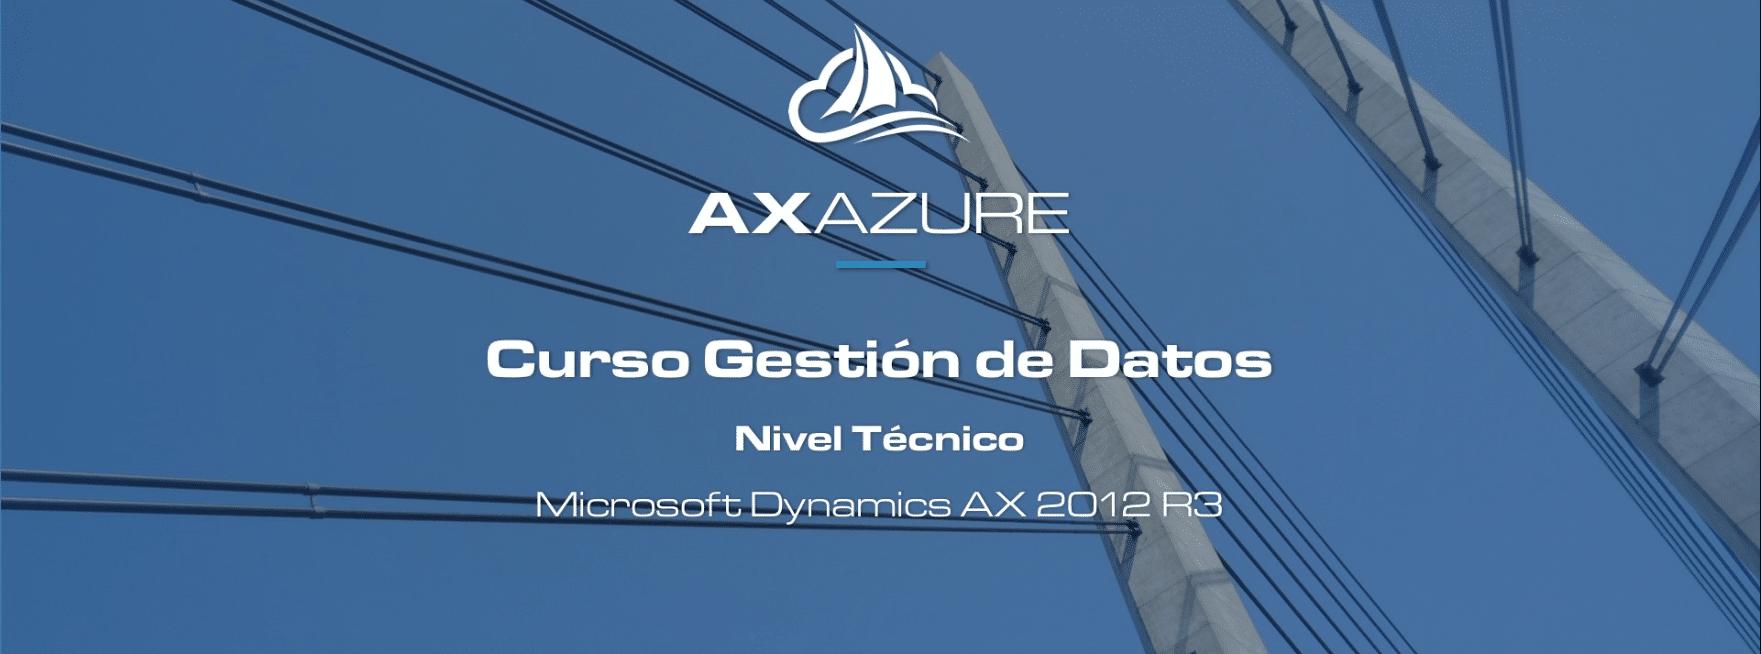 Nuevo Curso Técnico en AXAZURE: Gestión de Datos en Microsoft Dynamics AX 2012 R3